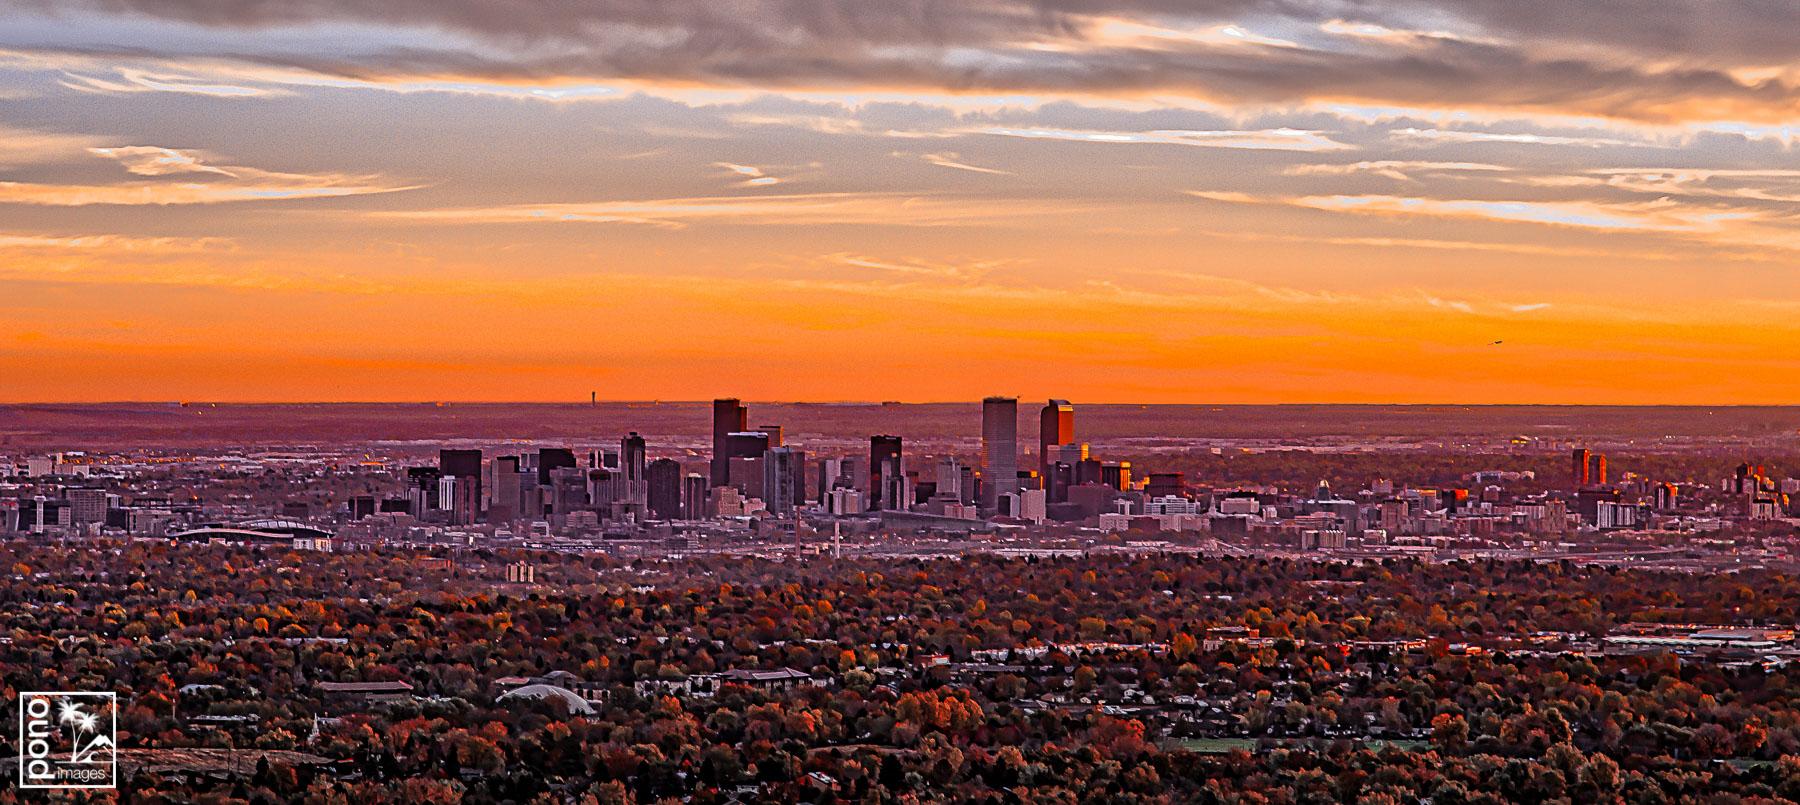 Denver Skyline Sunrise by Pono Images